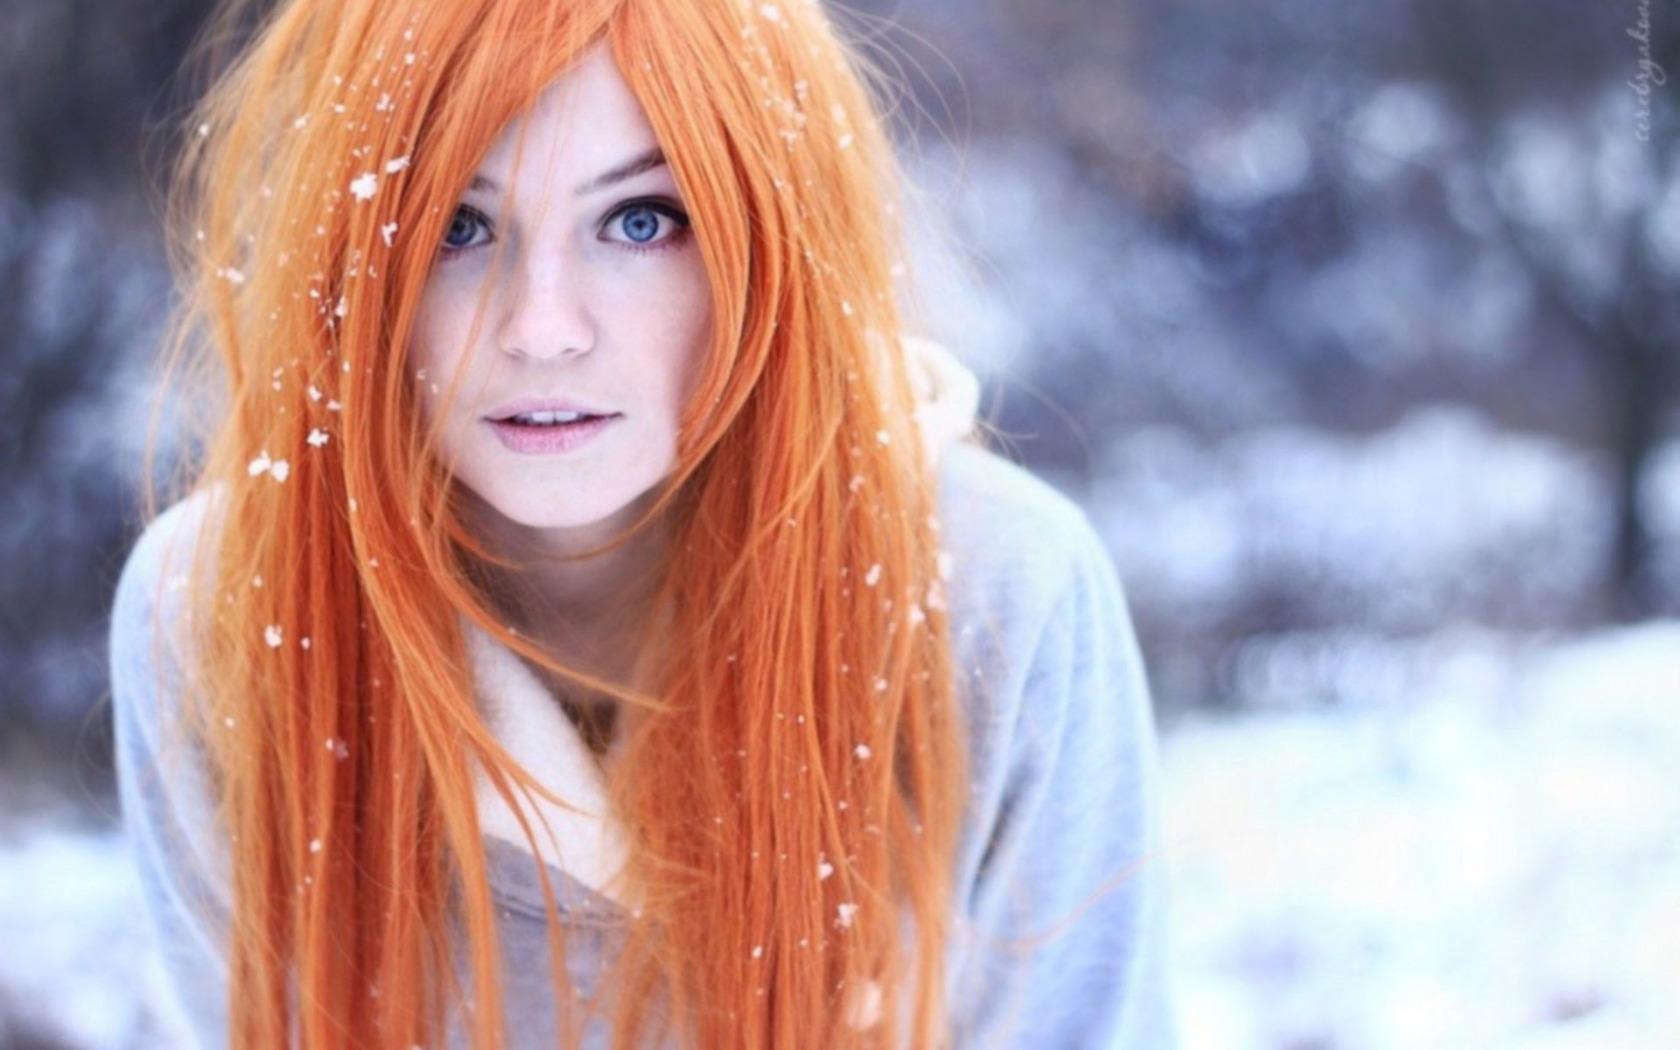 фотографии ярко рыжих девушек - 4